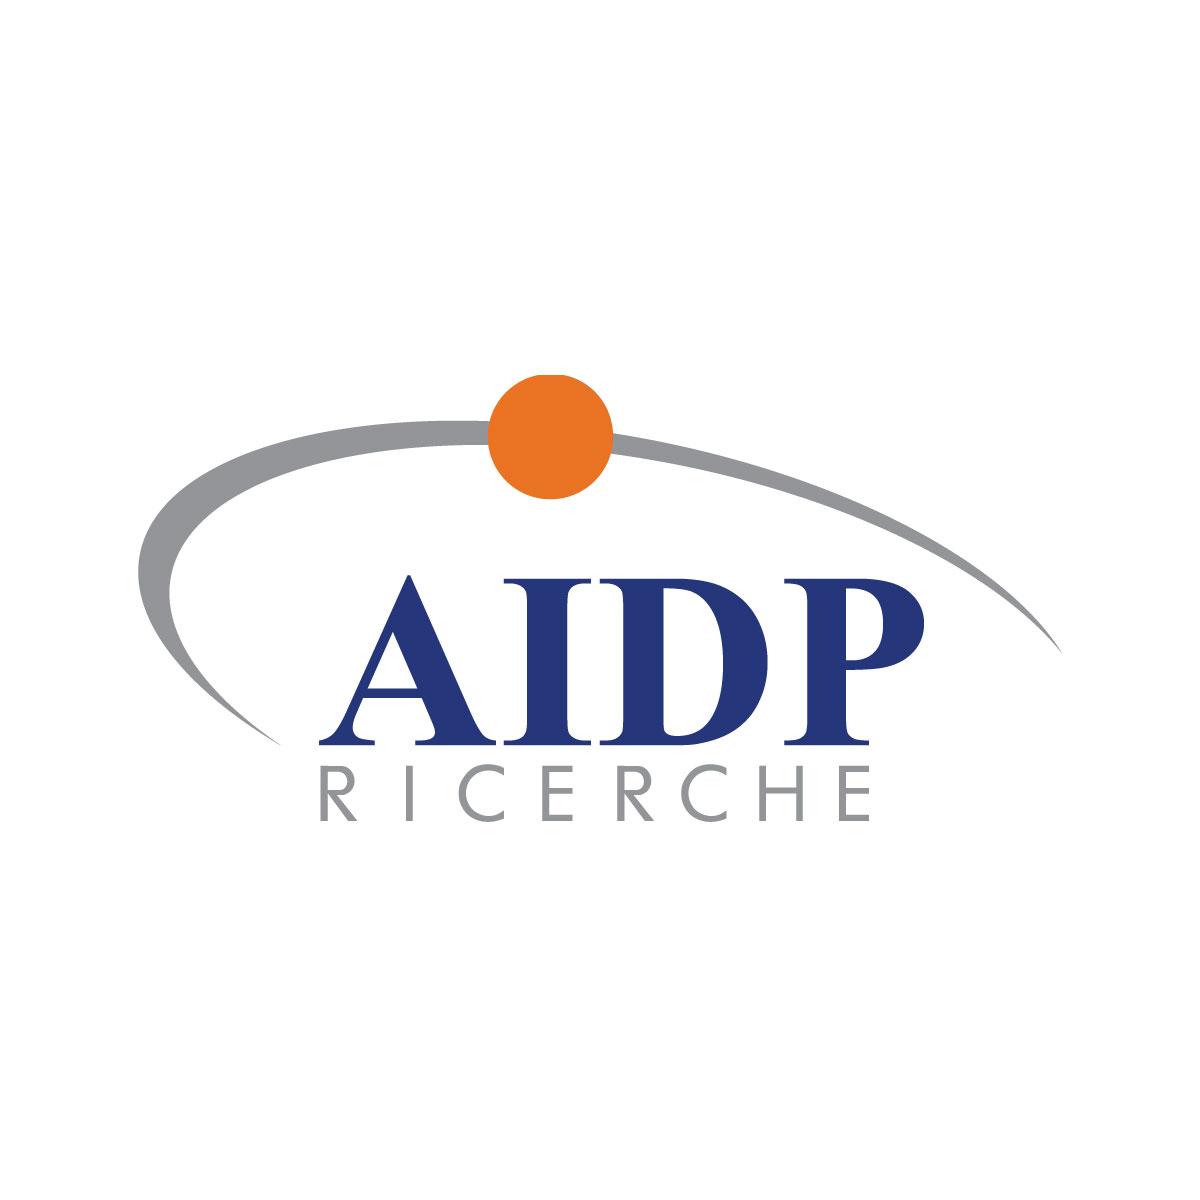 Persone, risorse sostenibili della terra: convegno regionale dell'AIDP